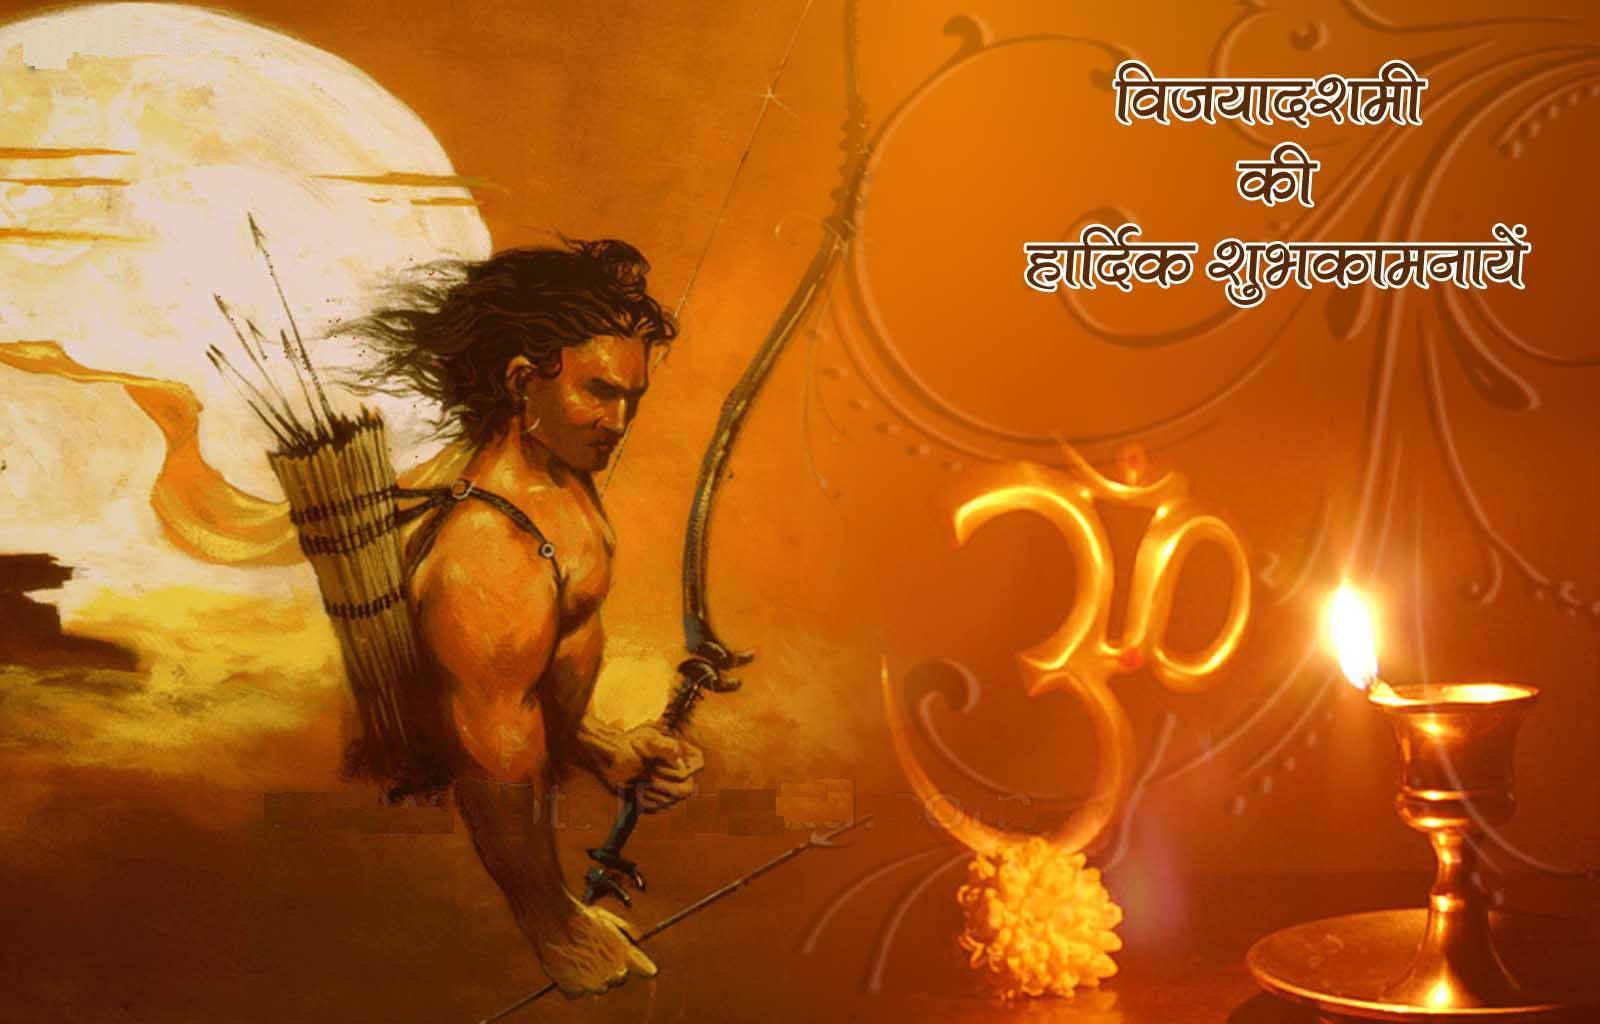 Wishing You Happy Dussehra Happy Vijayadashami Wishes In Hindi